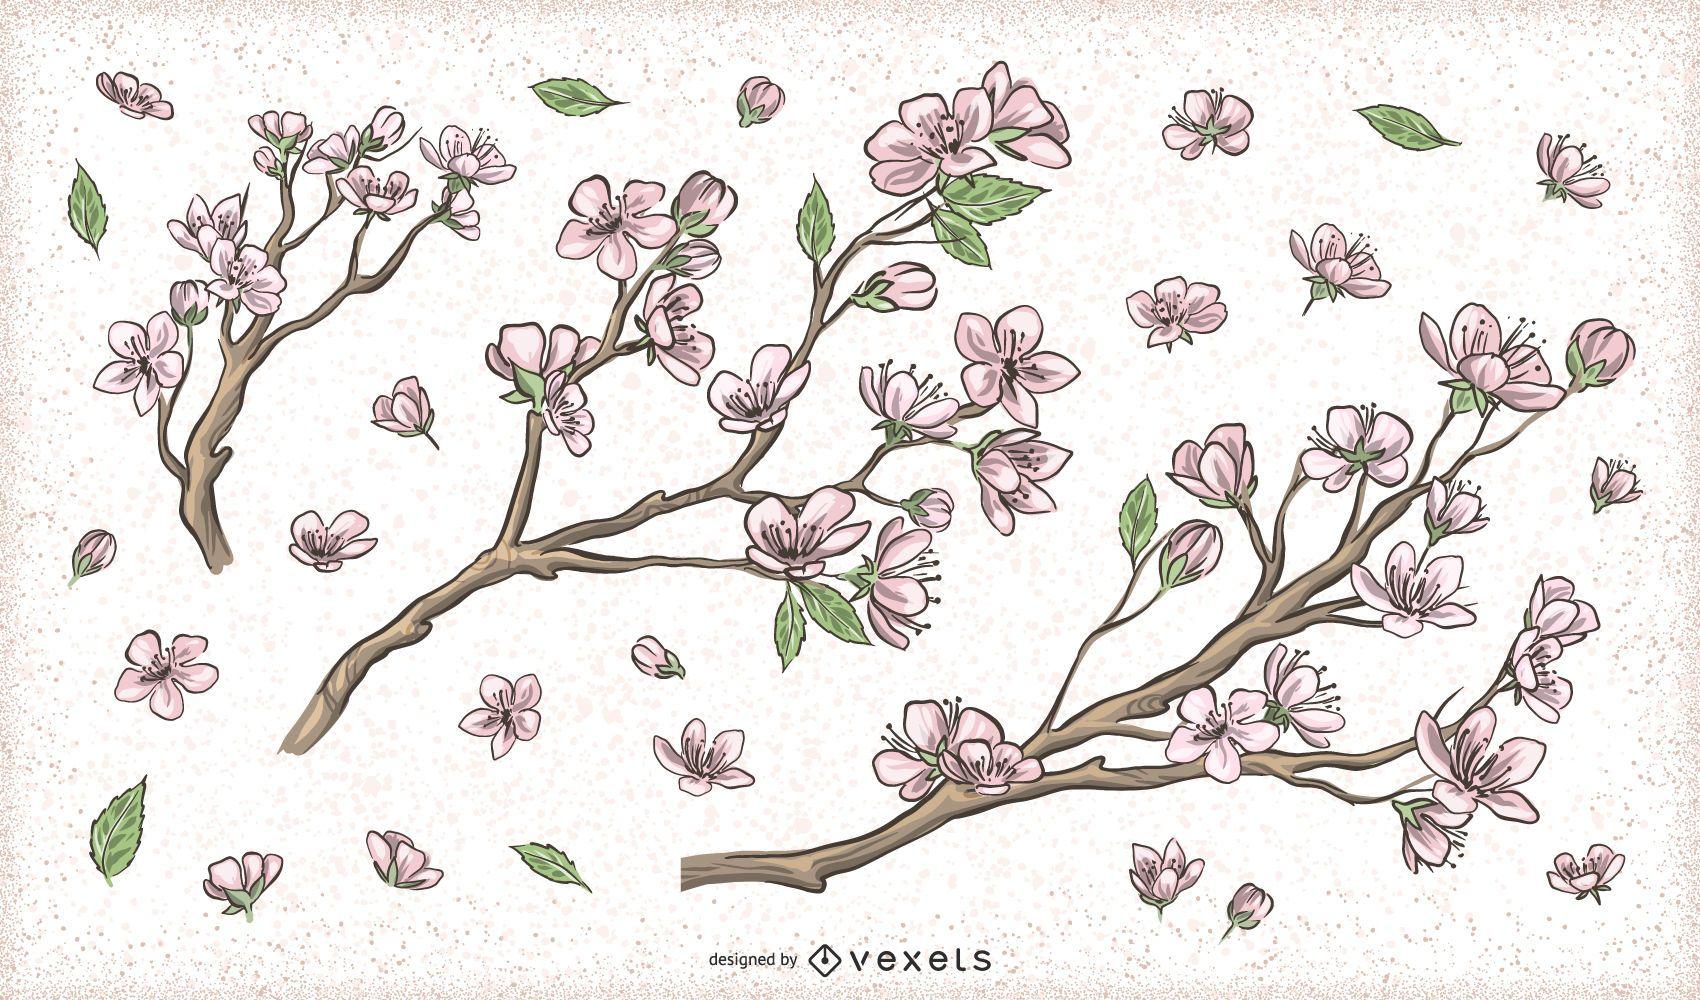 Diseños de rama de árbol de flor de cerezo